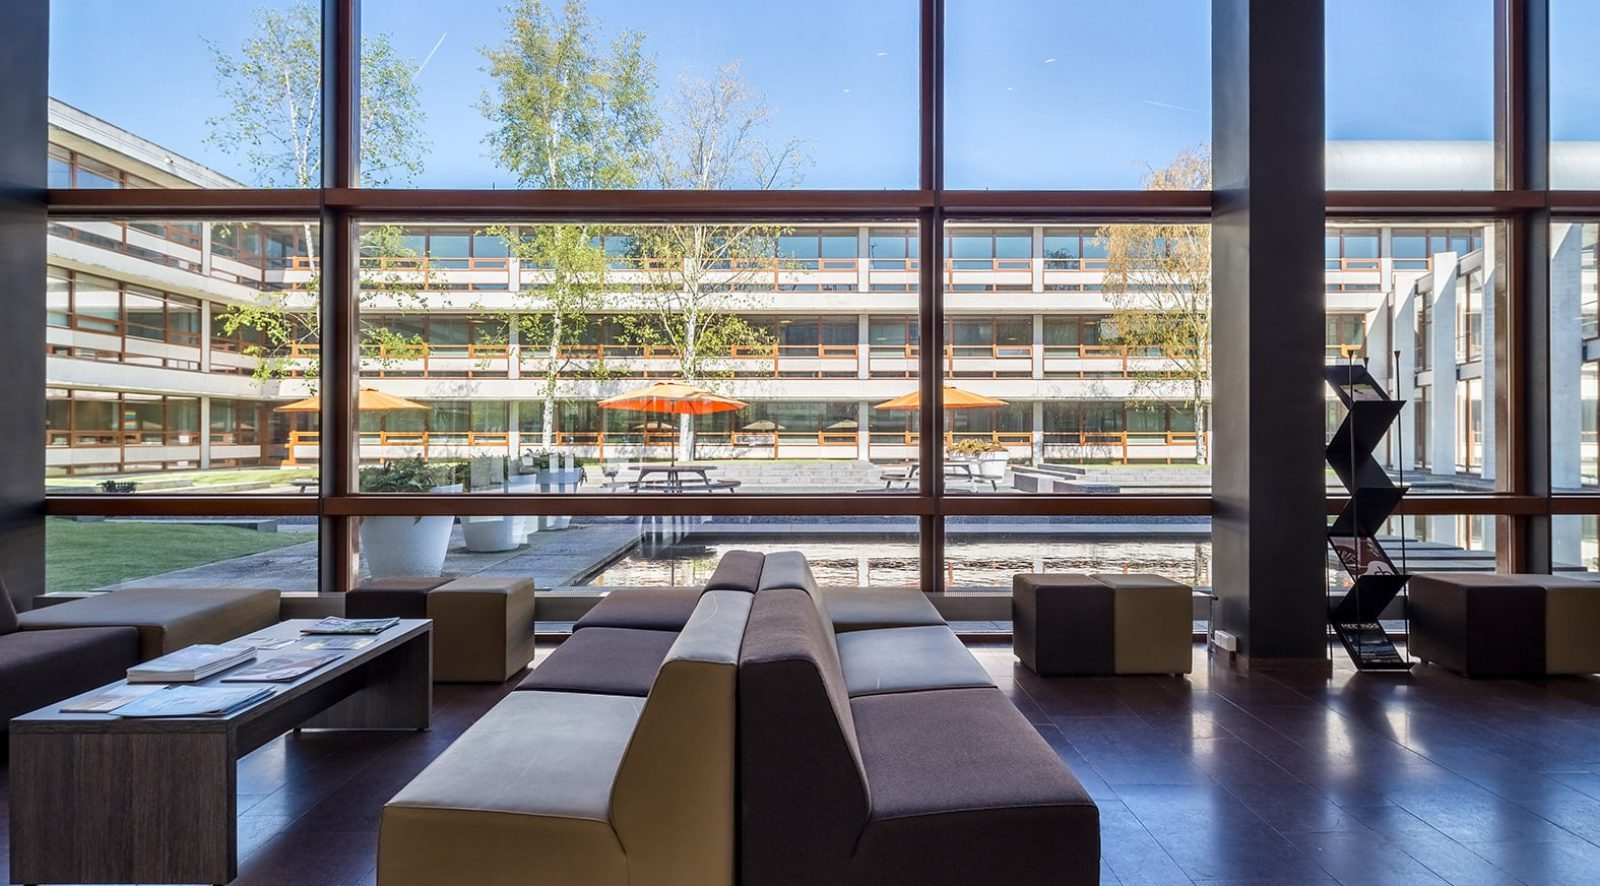 Bedrijfsruimte in Rijen | Crown Business Center Gilze-Rijen